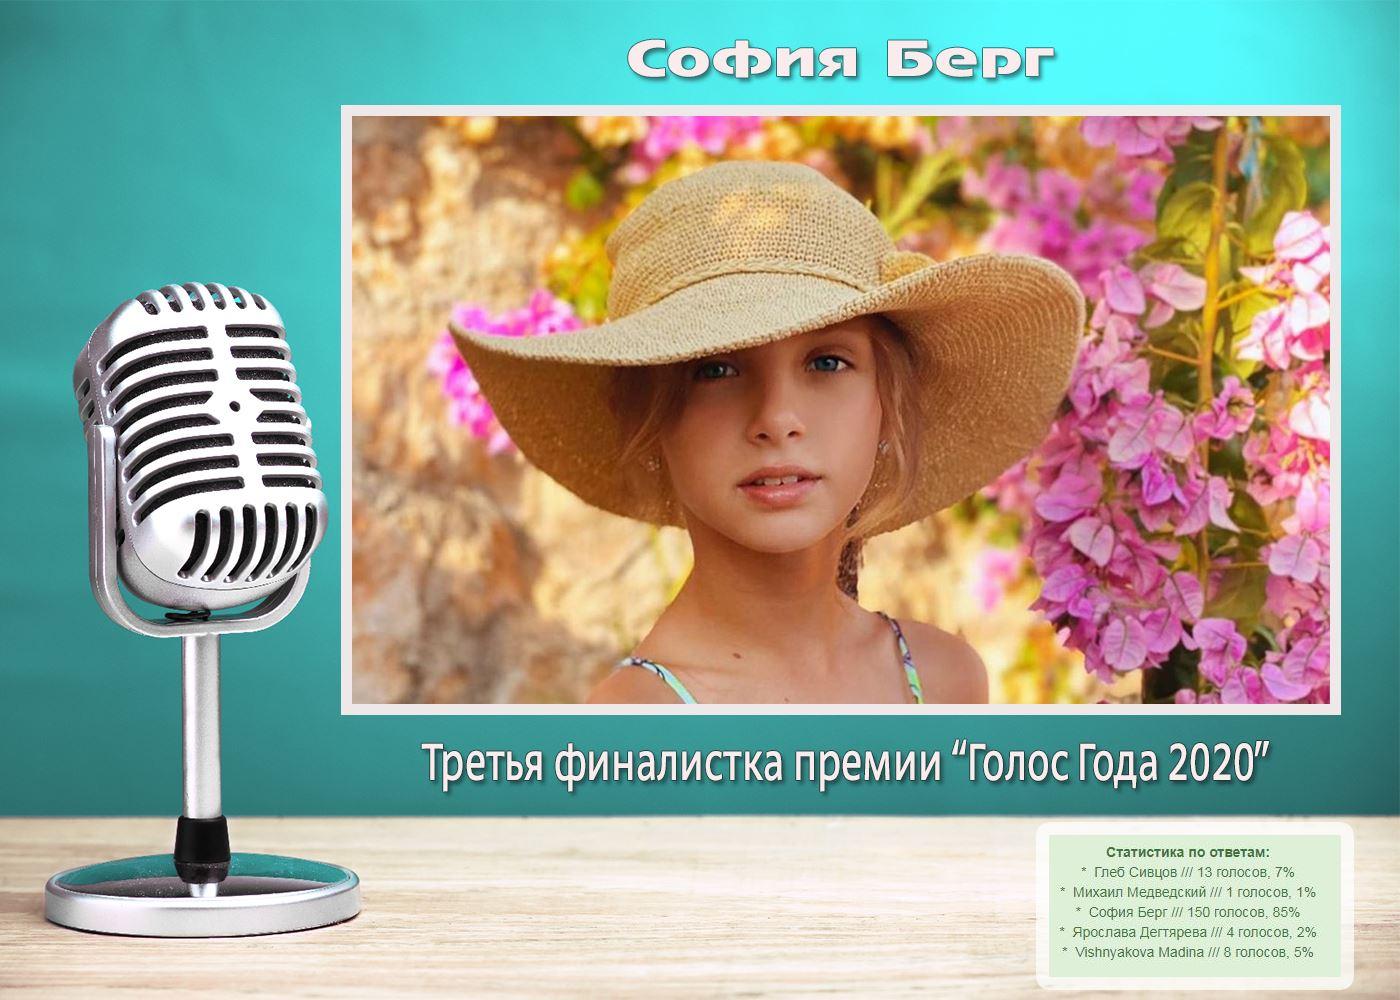 София Берг - 3-й финалист премии